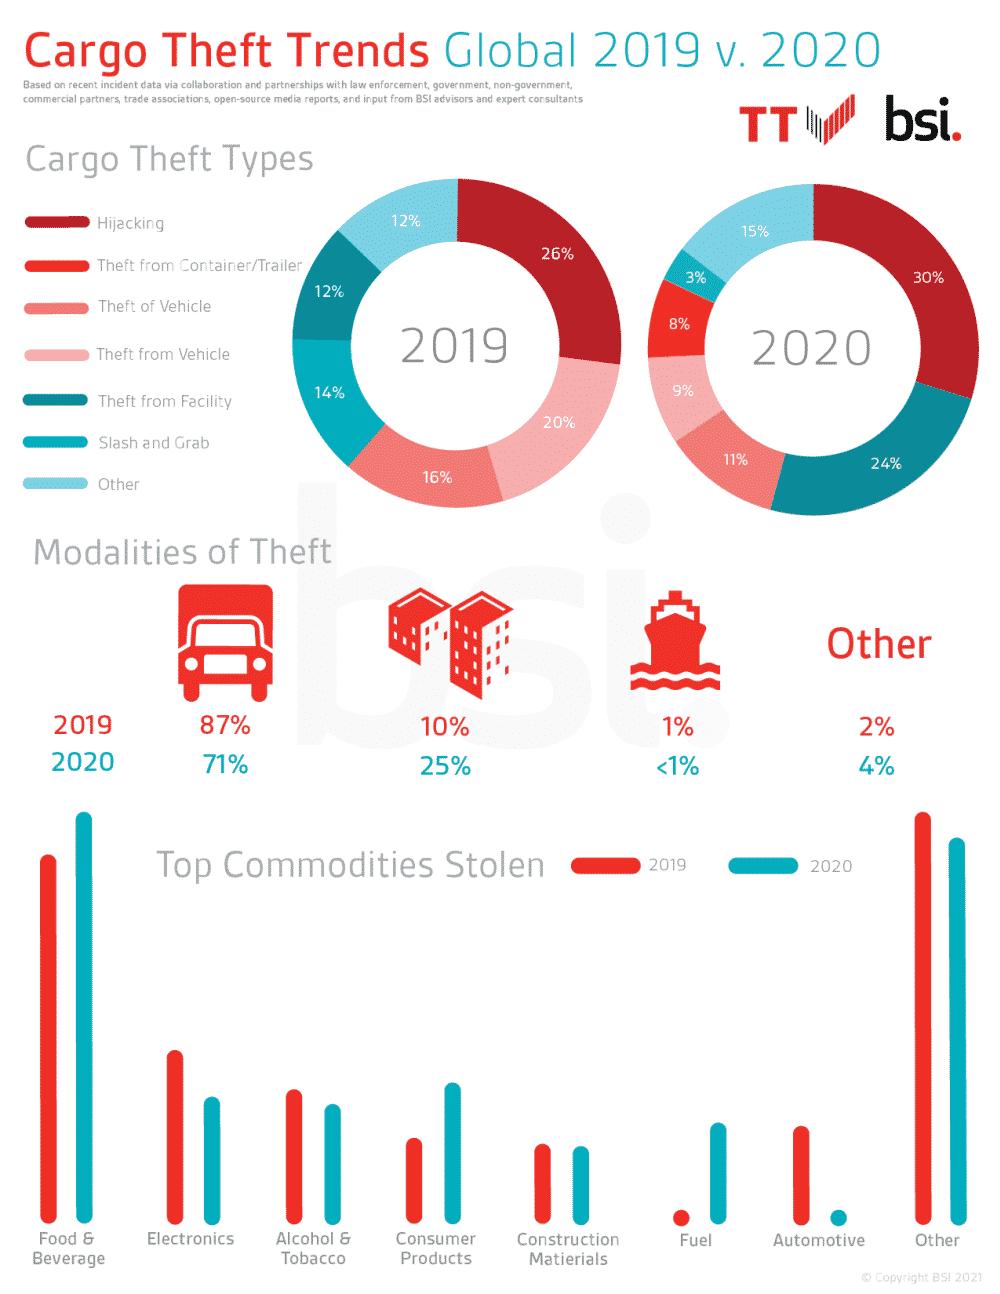 BSI 2019 vs 2020 Cargo Theft Trends